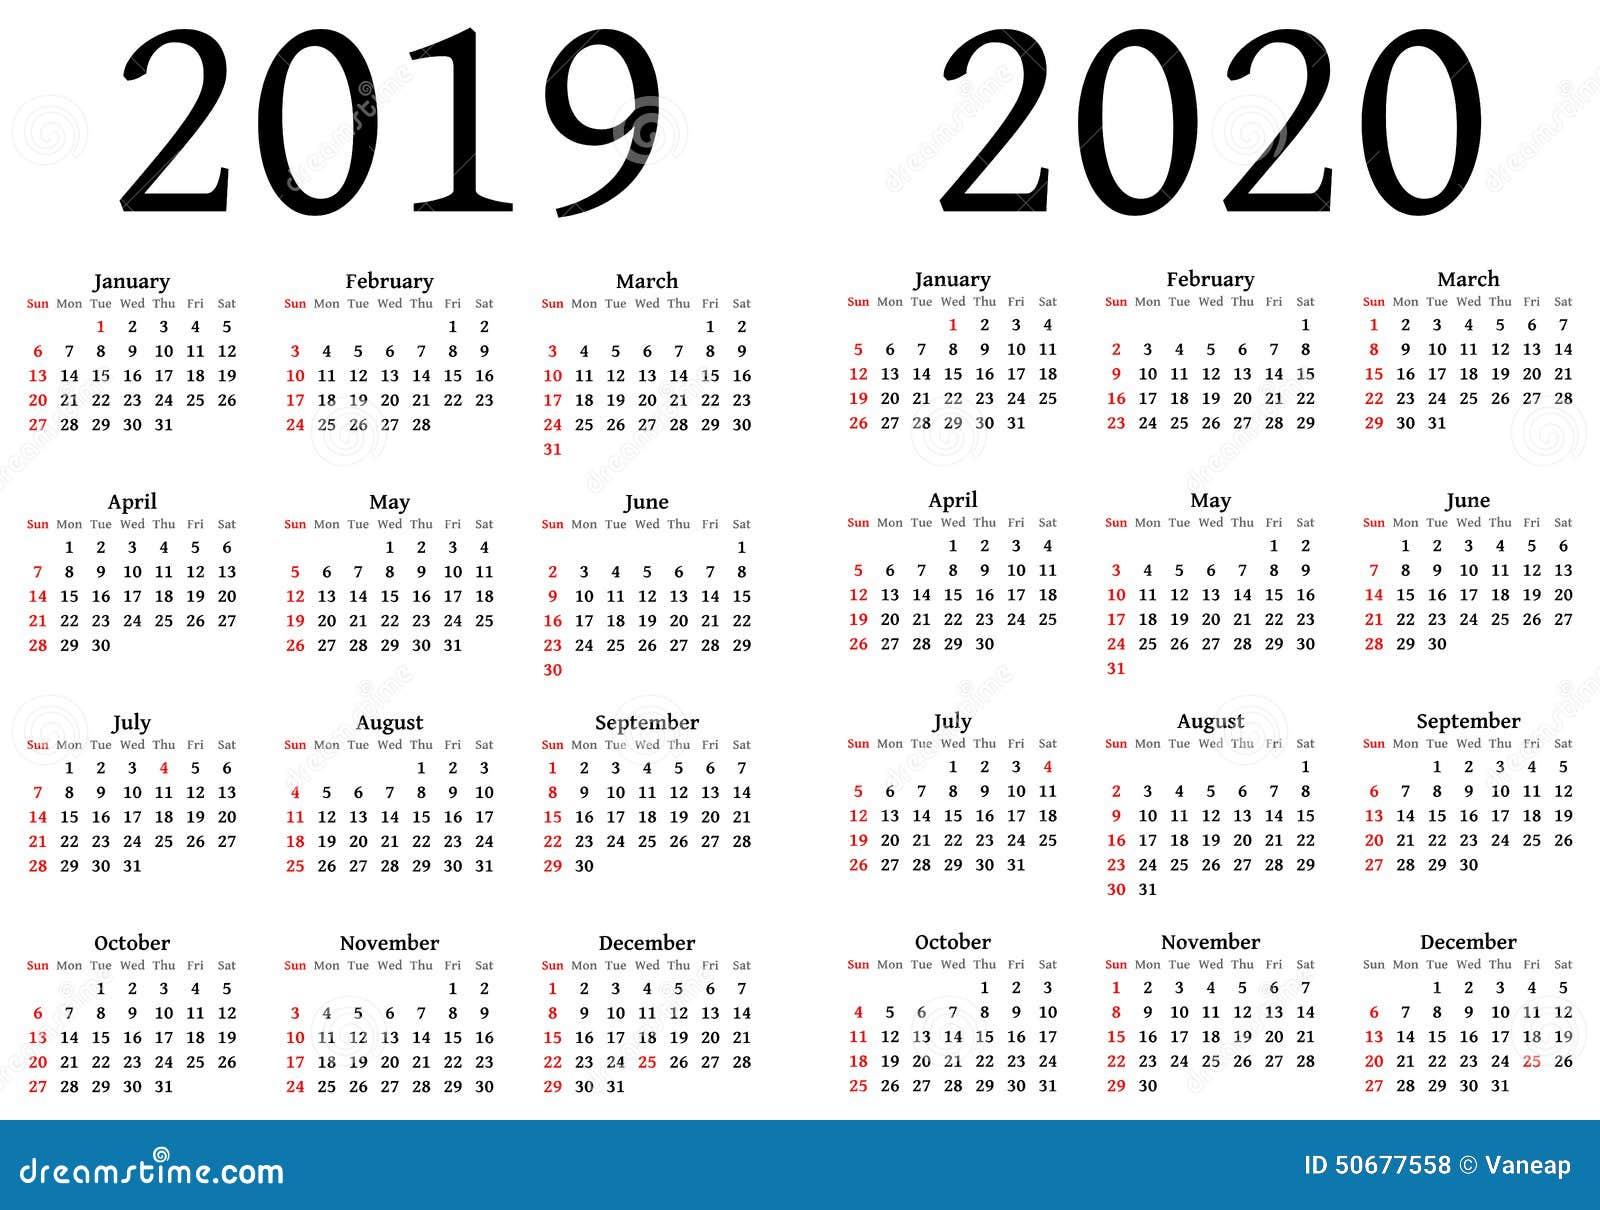 Calendario 2020 Y 2019.Calendario Para 2019 Y 2020 Ilustracion Del Vector Ilustracion De